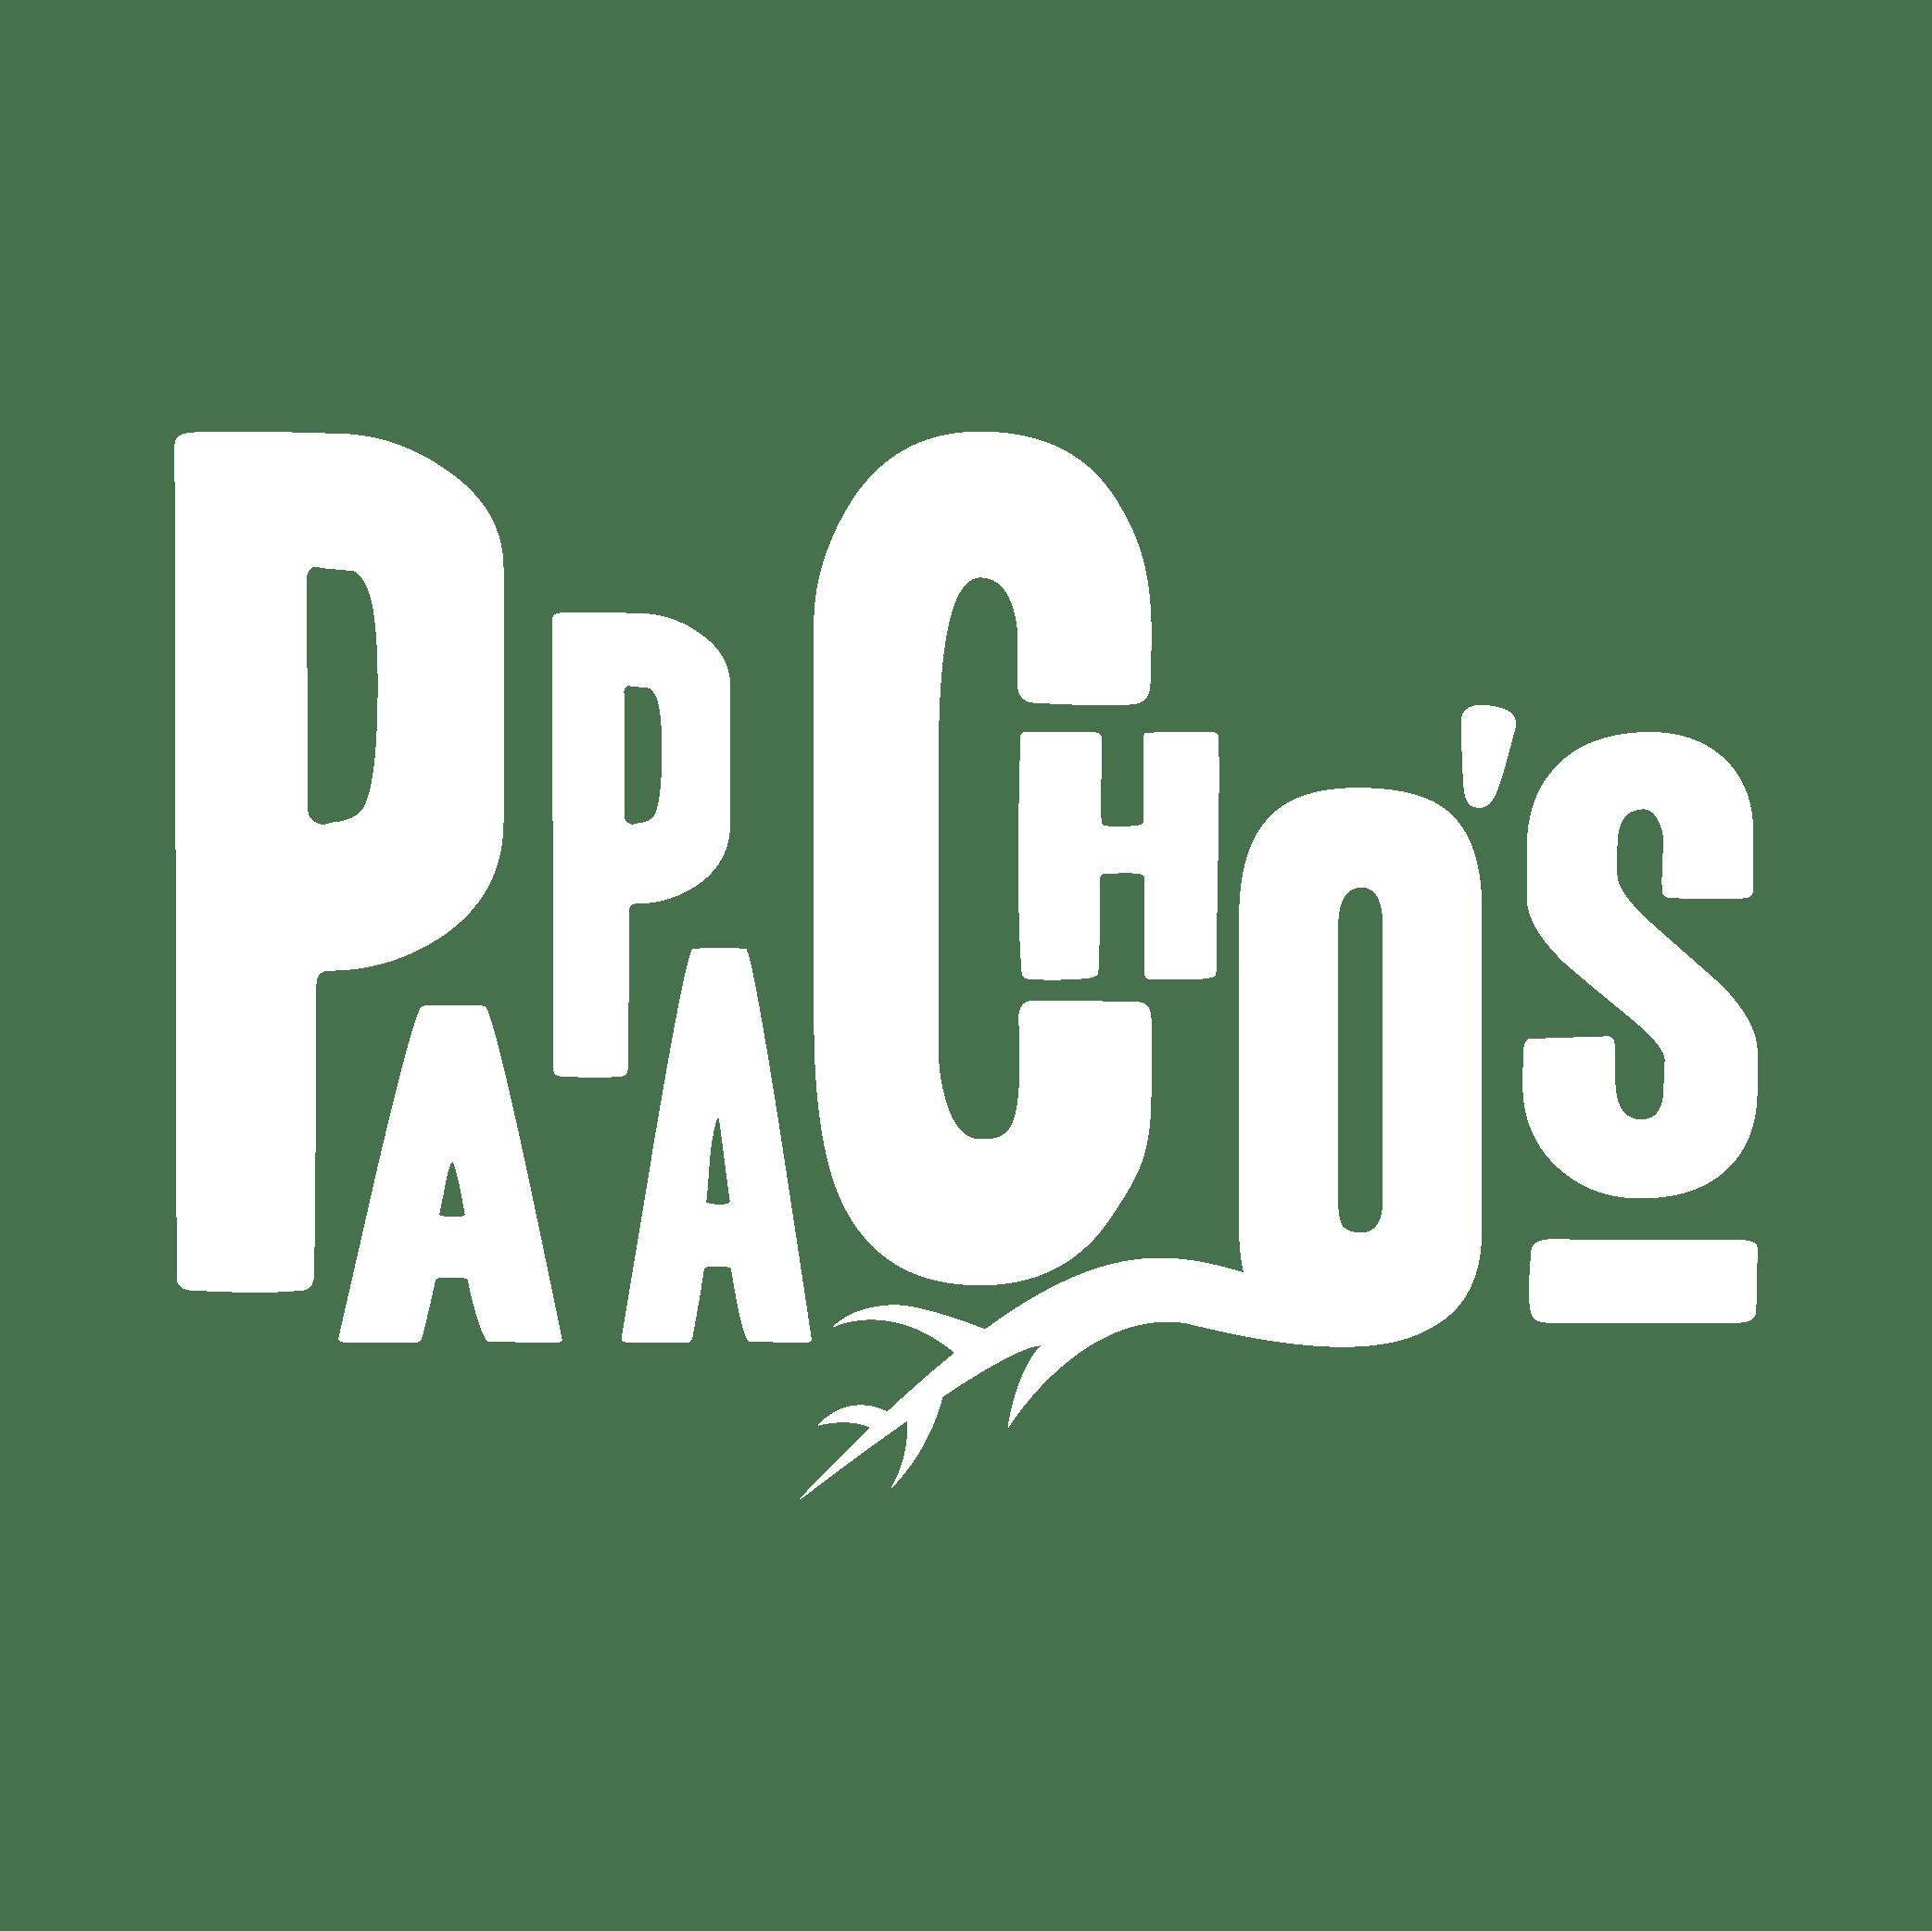 Logo_Papachos